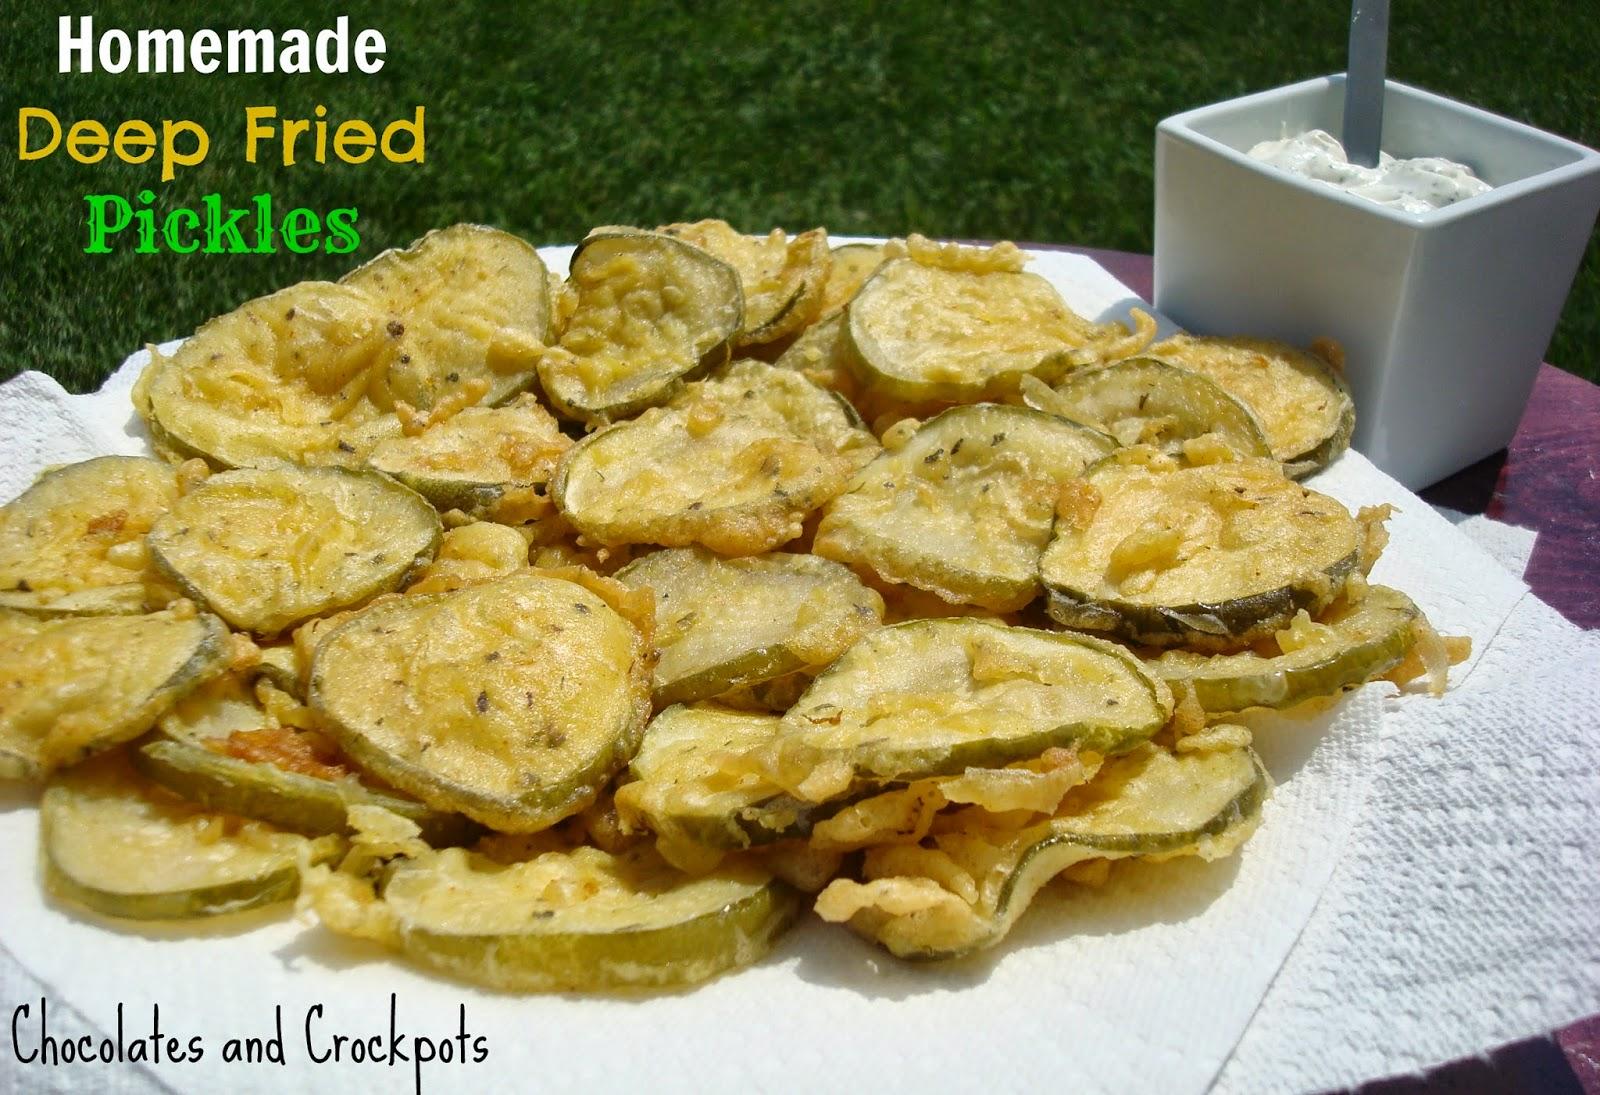 ... in Bloomington (Go Hoosiers!) that served Deep Fried Pickles